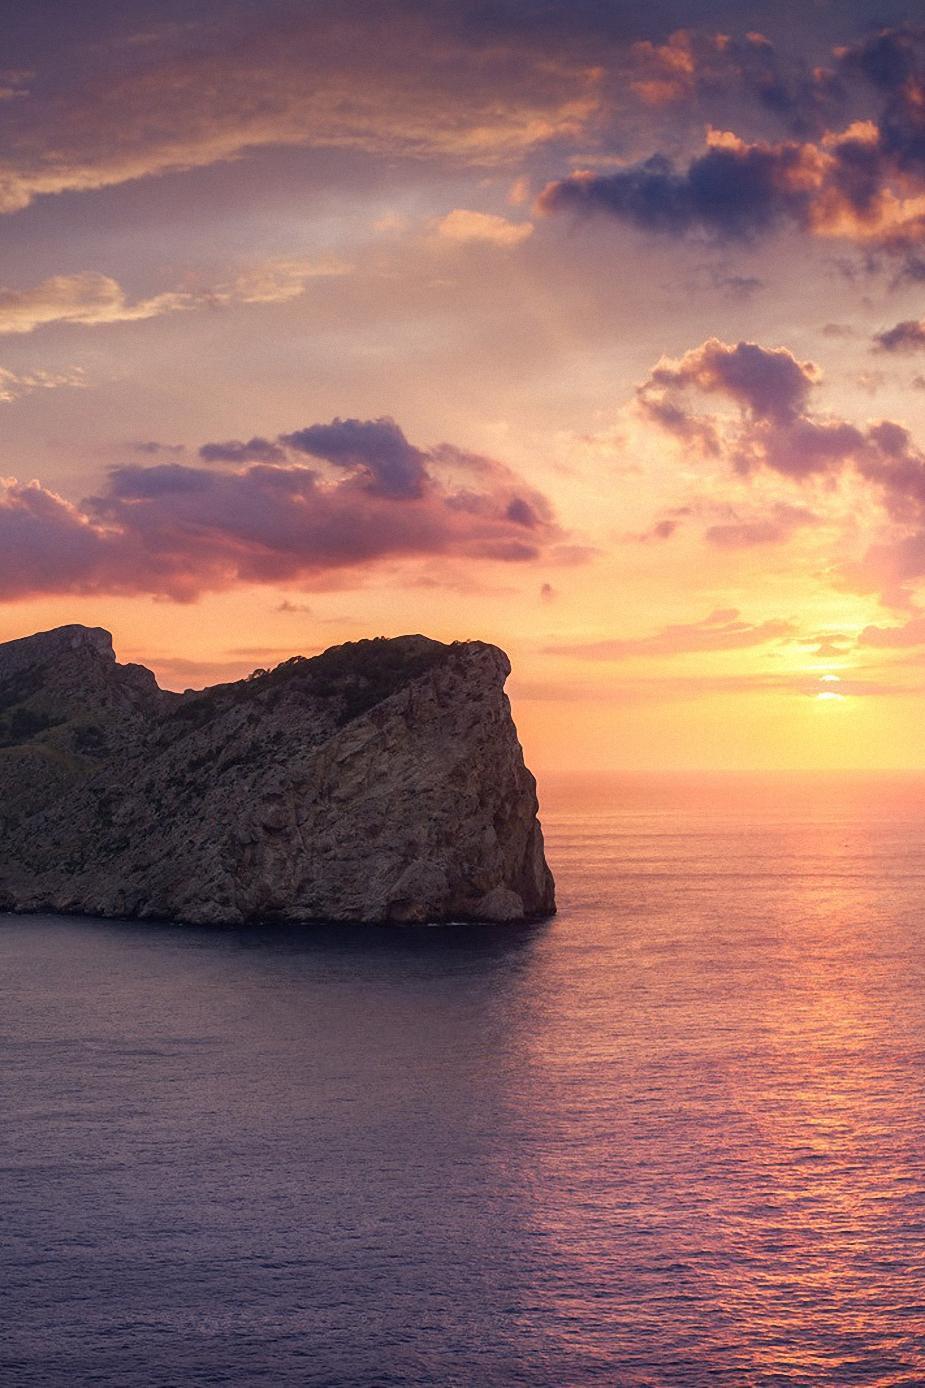 ocean rock sunset clouds